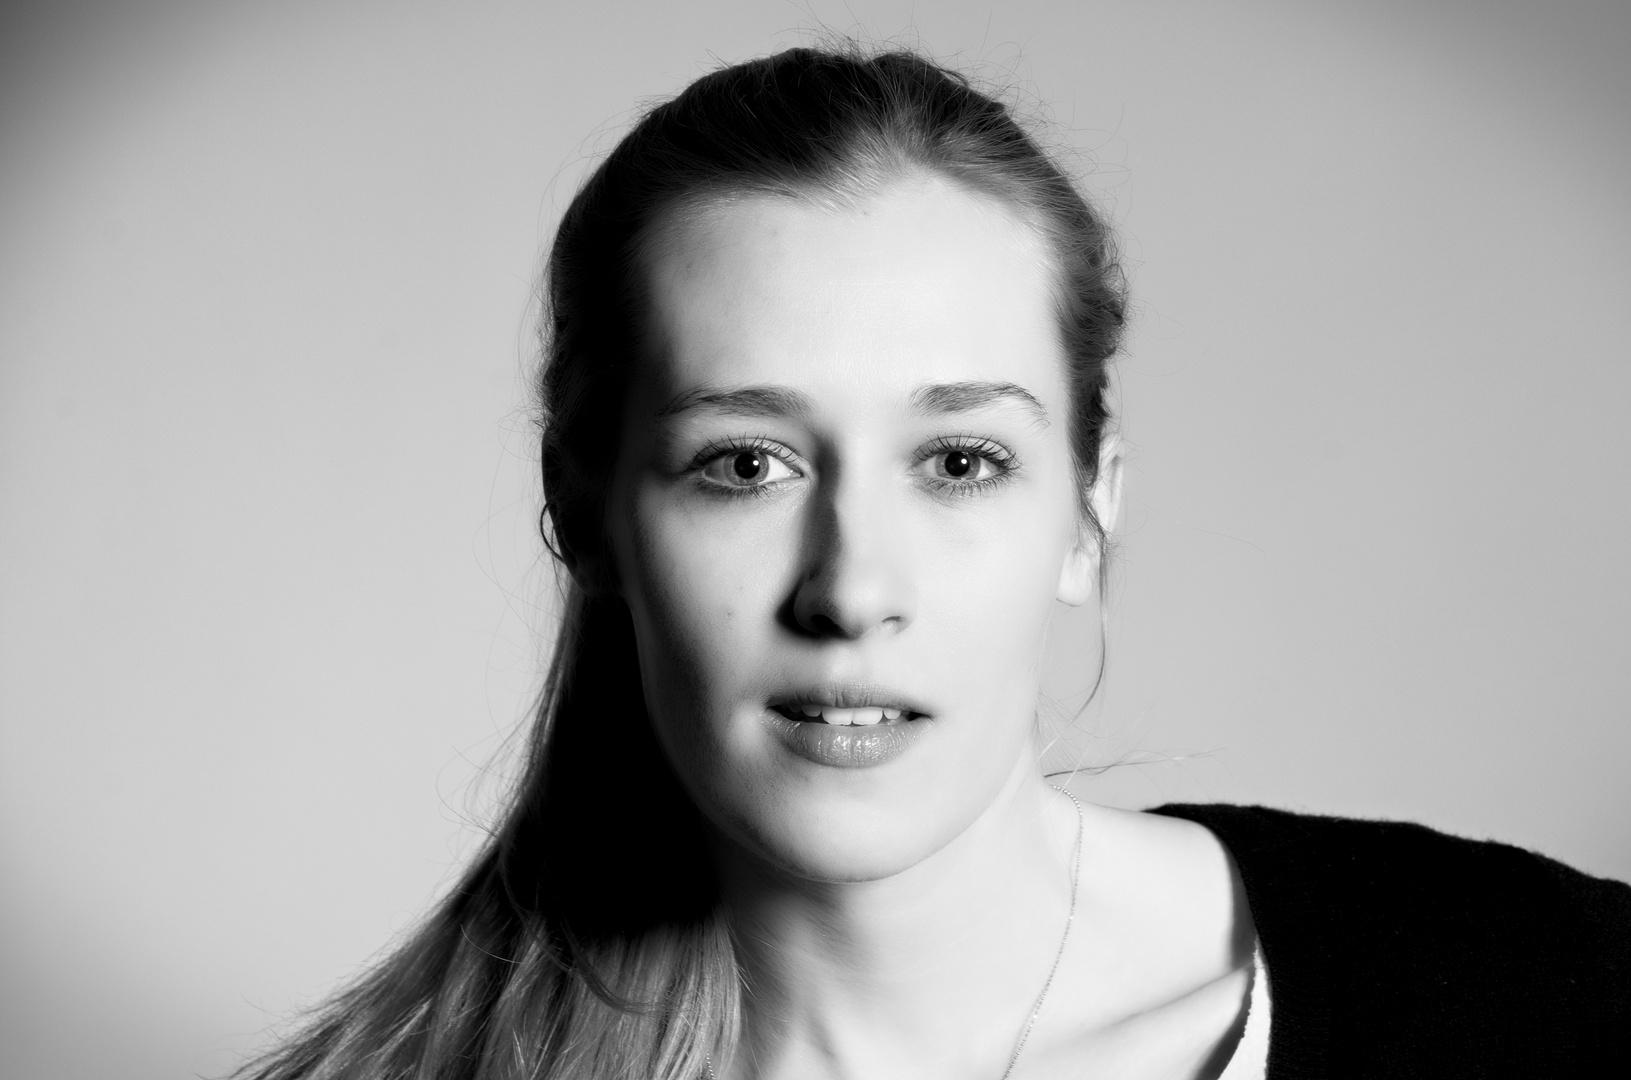 Ein Schwarzweiß-Portrait erzählt Geschichten!